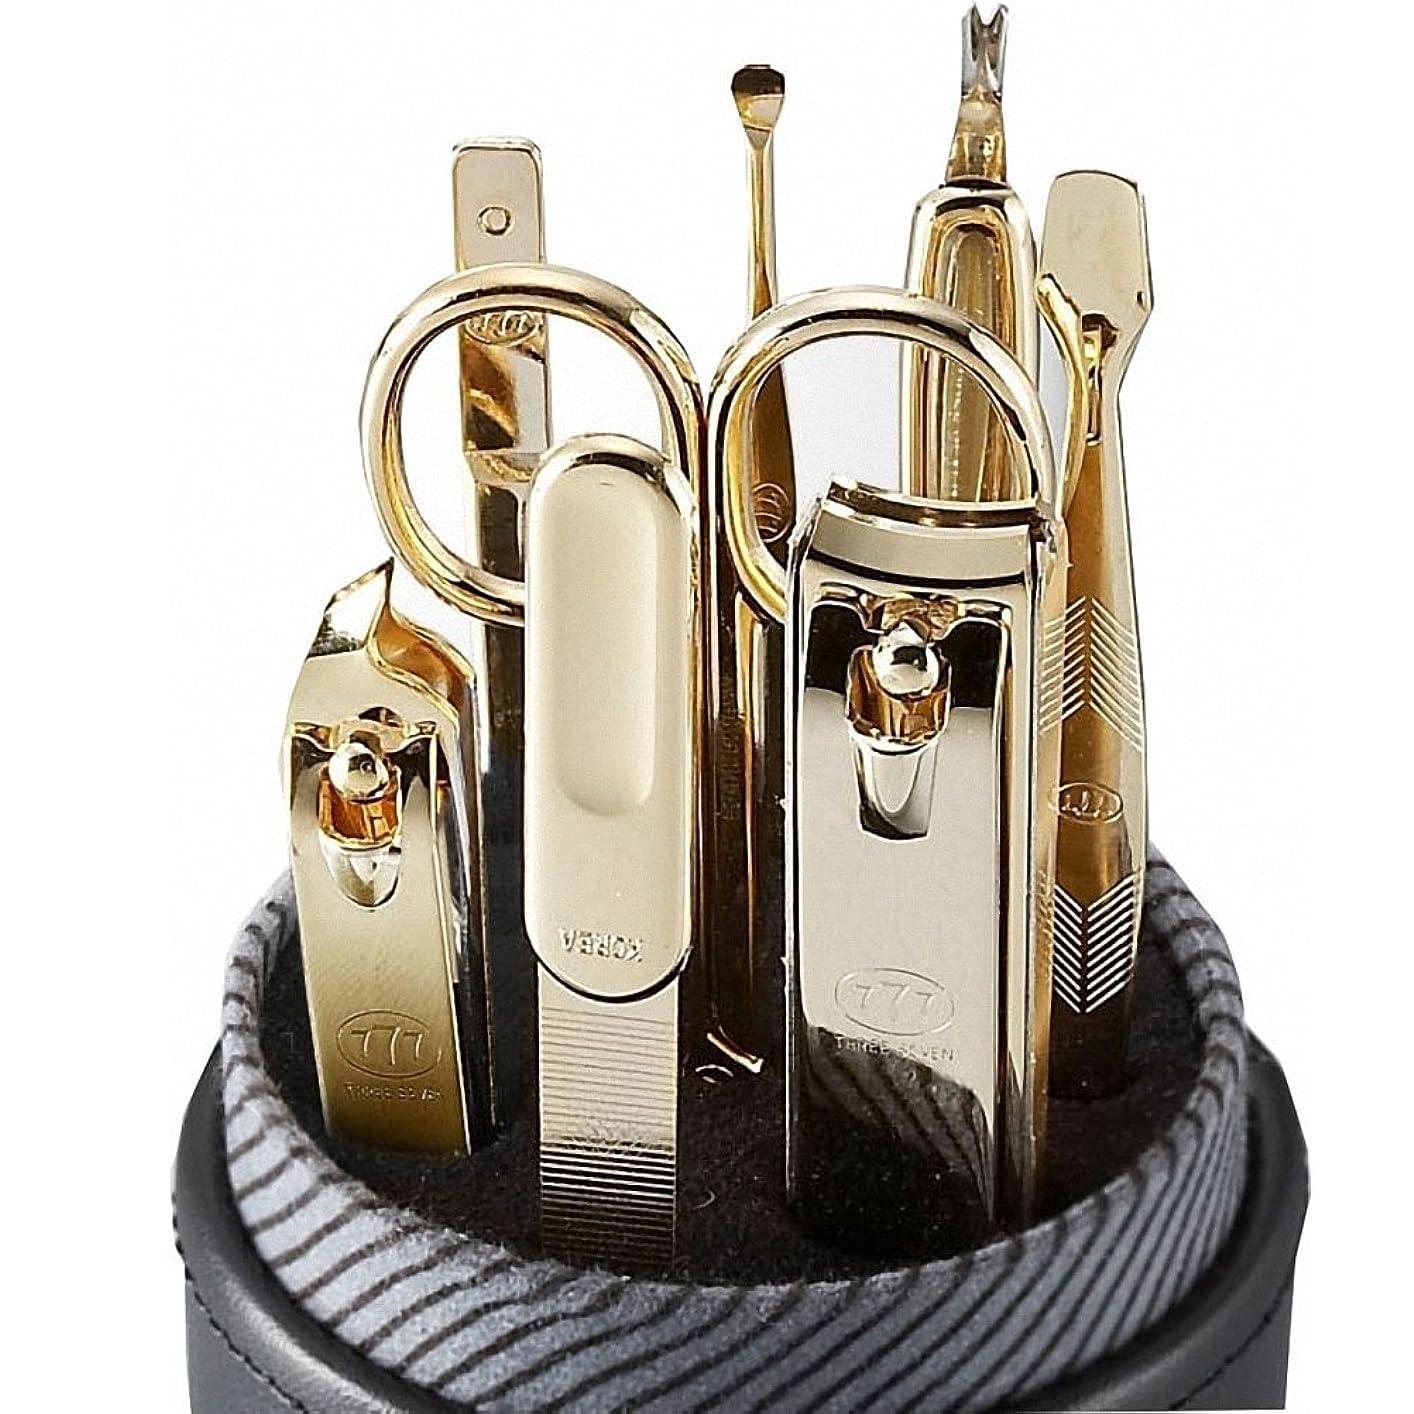 租界マキシム検索エンジンマーケティング【 三セブン】THREE SEVEN TS-007C Manicure Set in Round Synthetic Leather Case 三セブン円形の合成革ケースでTS-007 Cマニキュア セット (2.Gold) [並行輸入品]